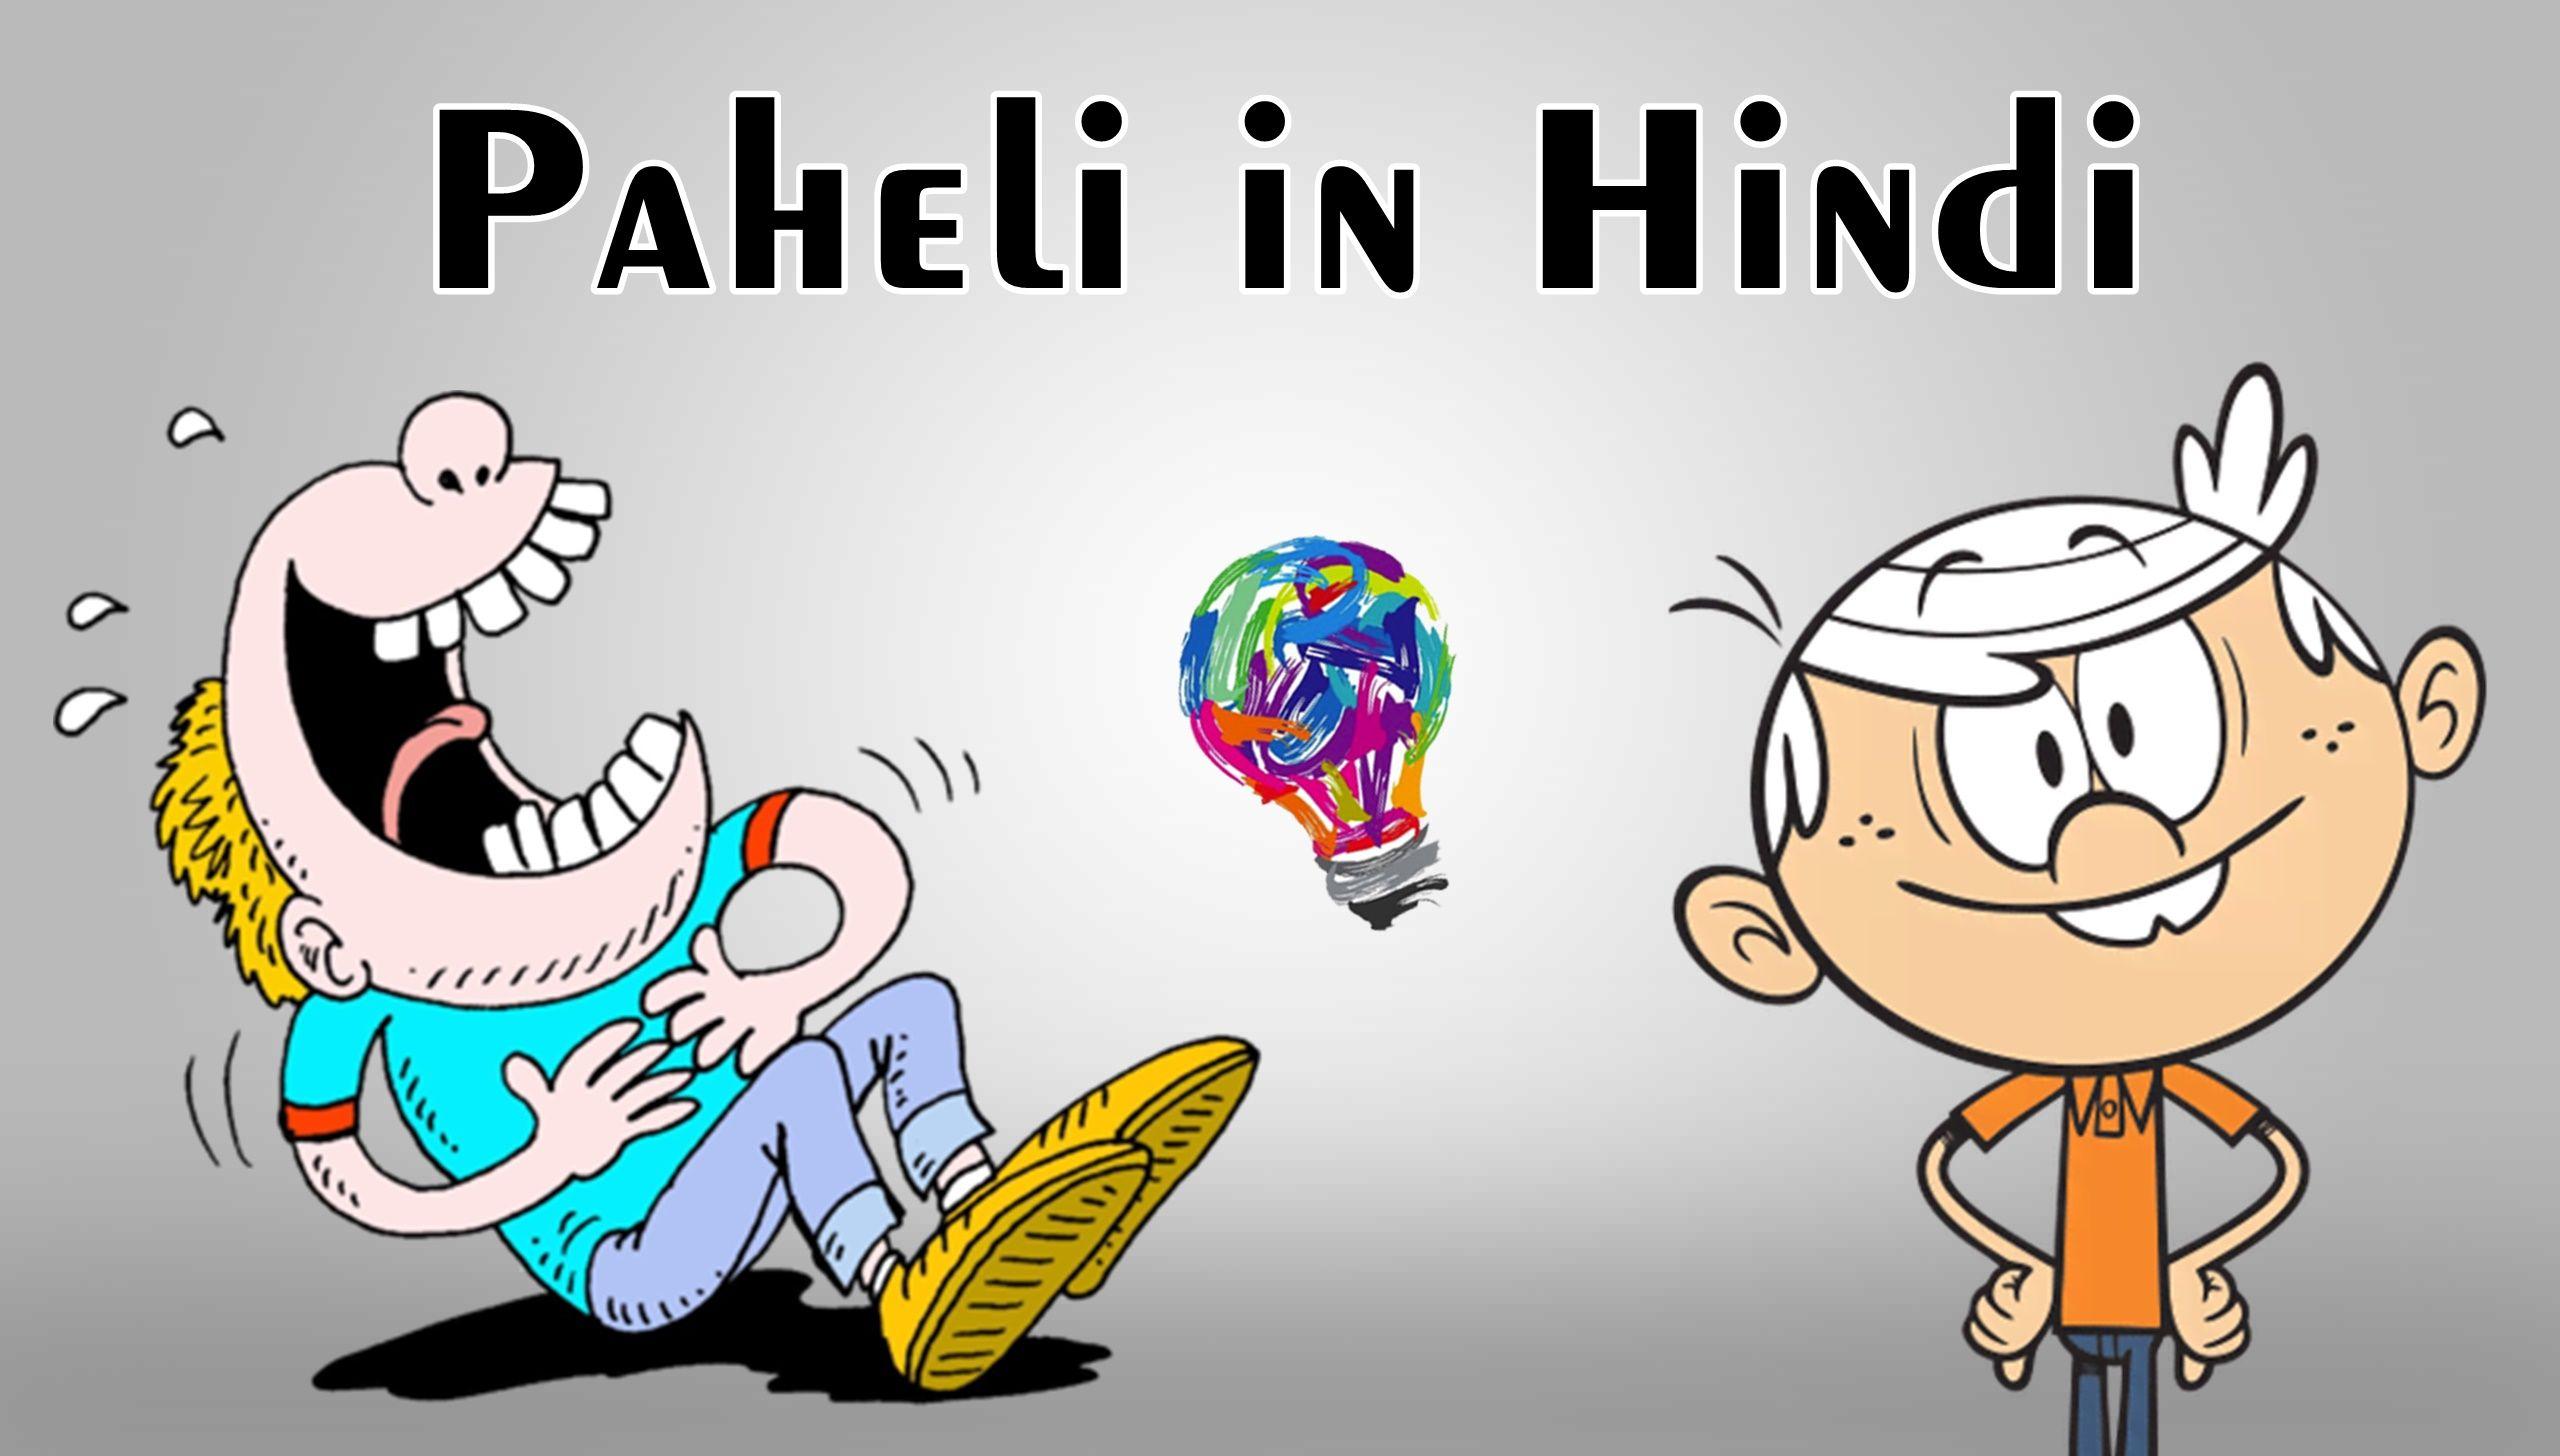 Hindi Paheliyan Hindi, Riddles